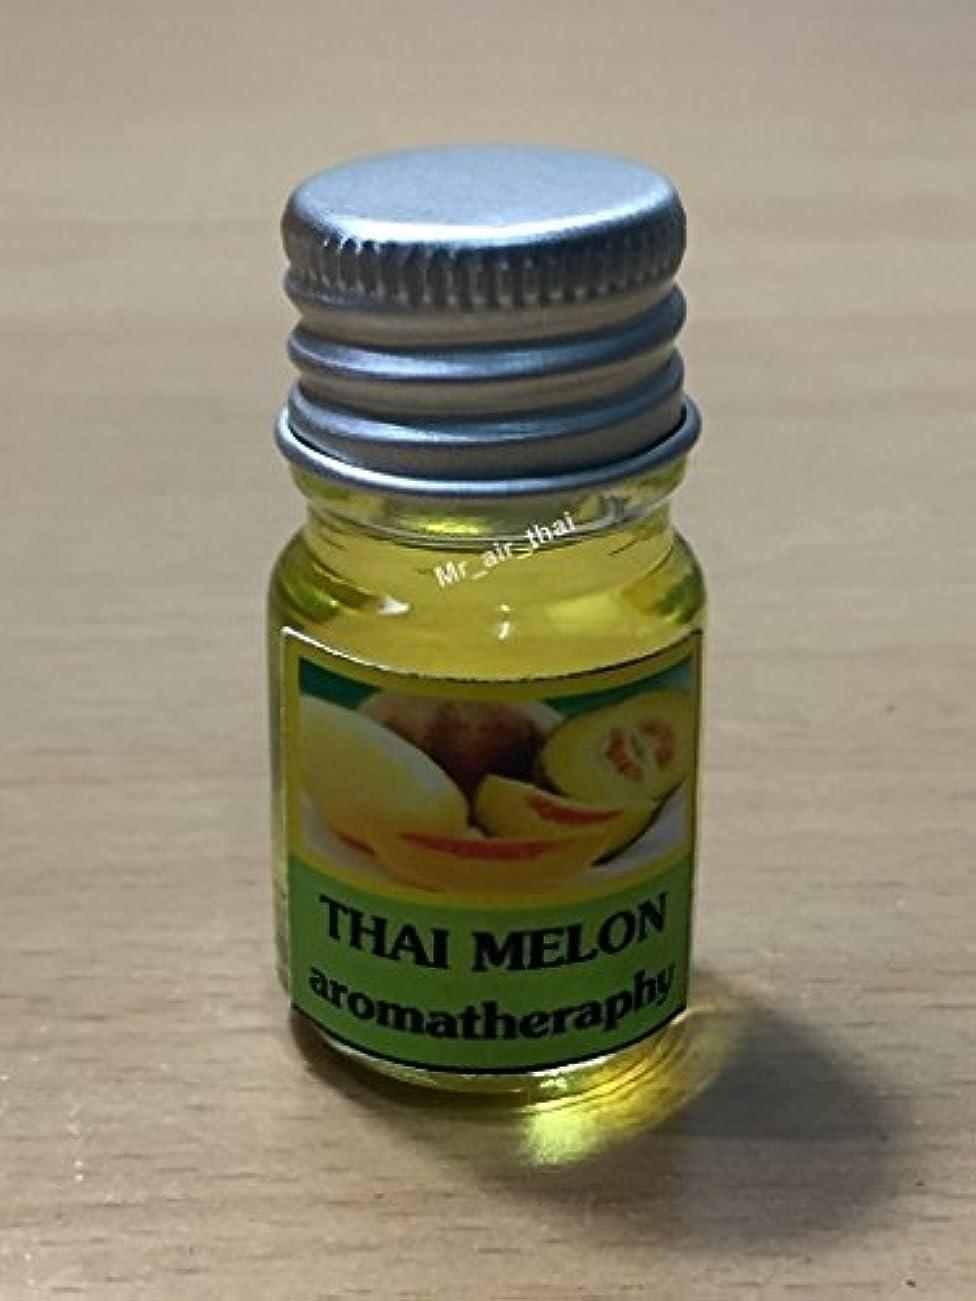 フォアタイプ講堂ゆるい5ミリリットルアロマタイメロンフランクインセンスエッセンシャルオイルボトルアロマテラピーオイル自然自然5ml Aroma Thai Melon Frankincense Essential Oil Bottles Aromatherapy...